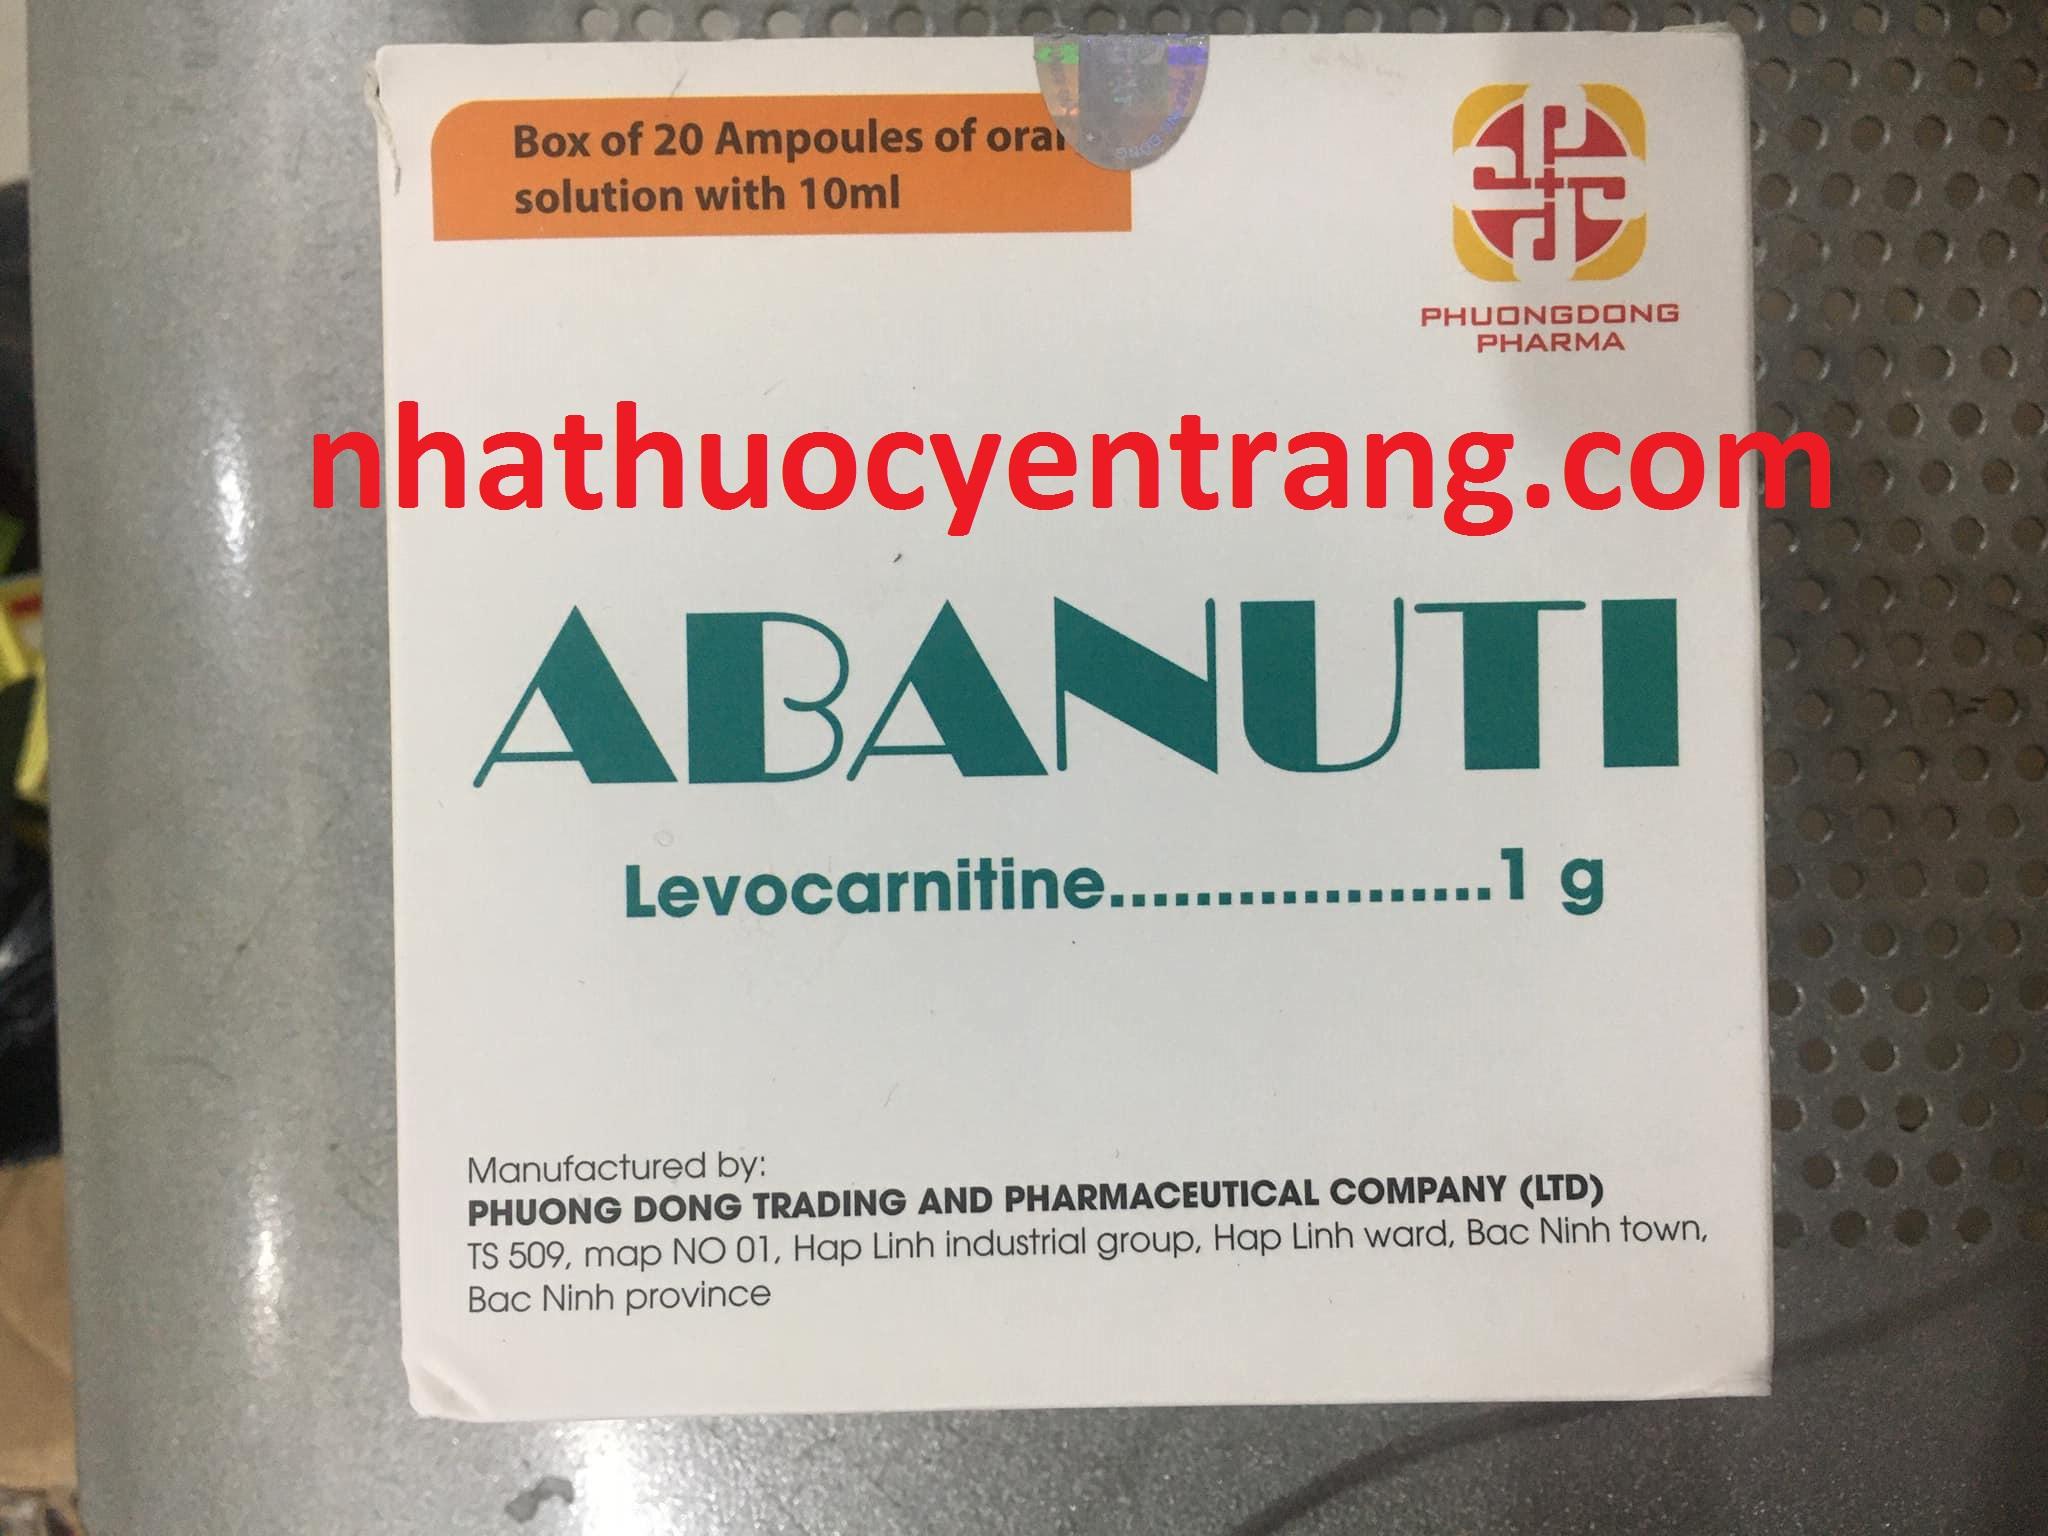 Abanuti